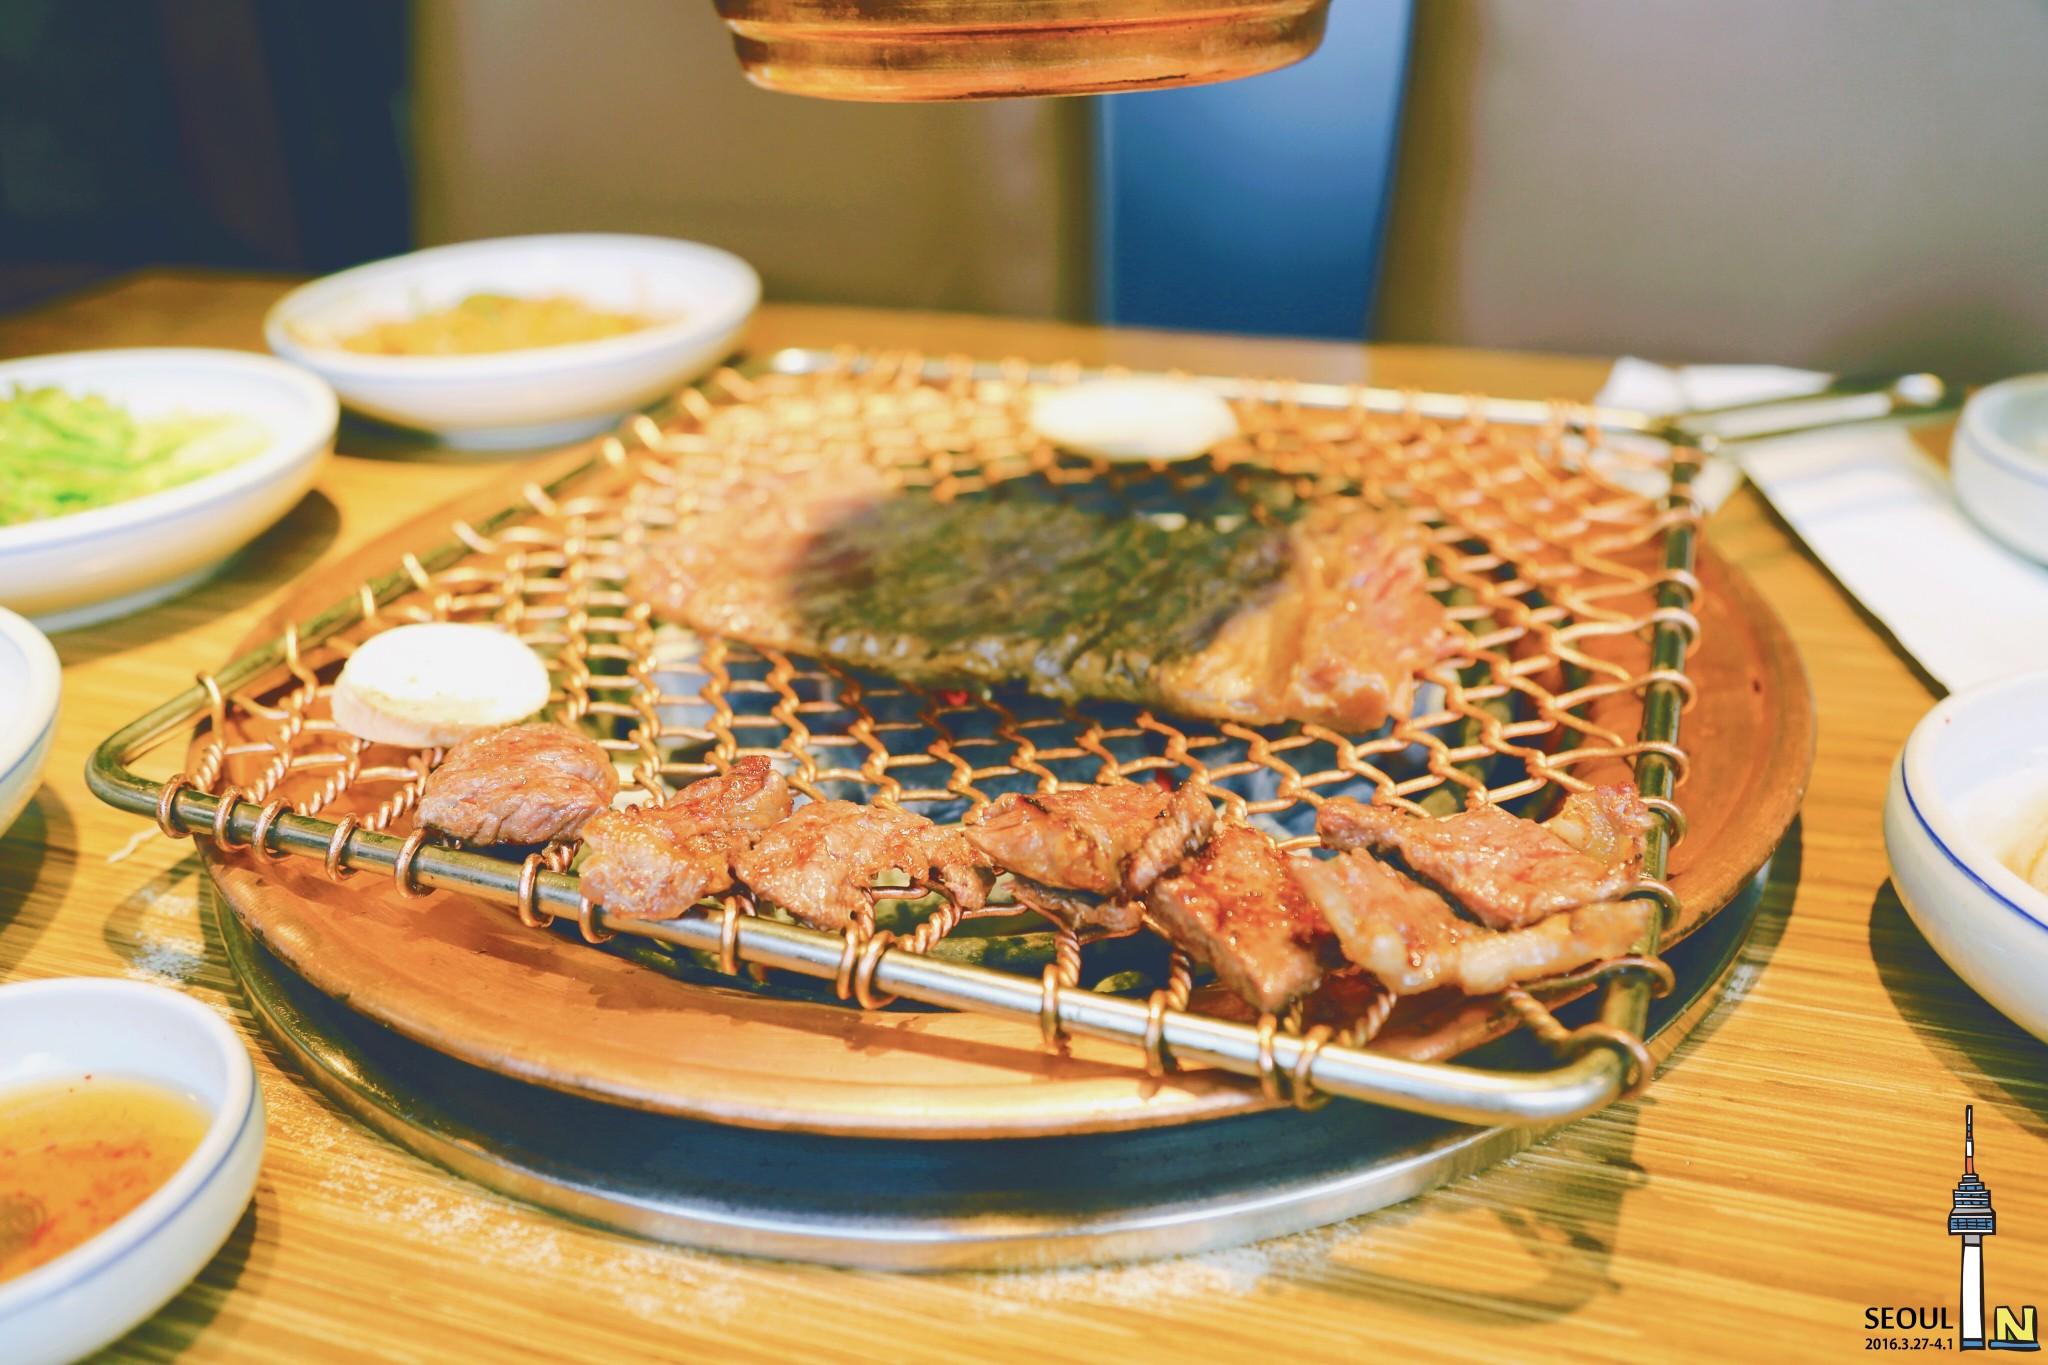 韩国有什么网红餐厅,韩国哪些网红餐厅值得去,韩国网红餐厅推荐